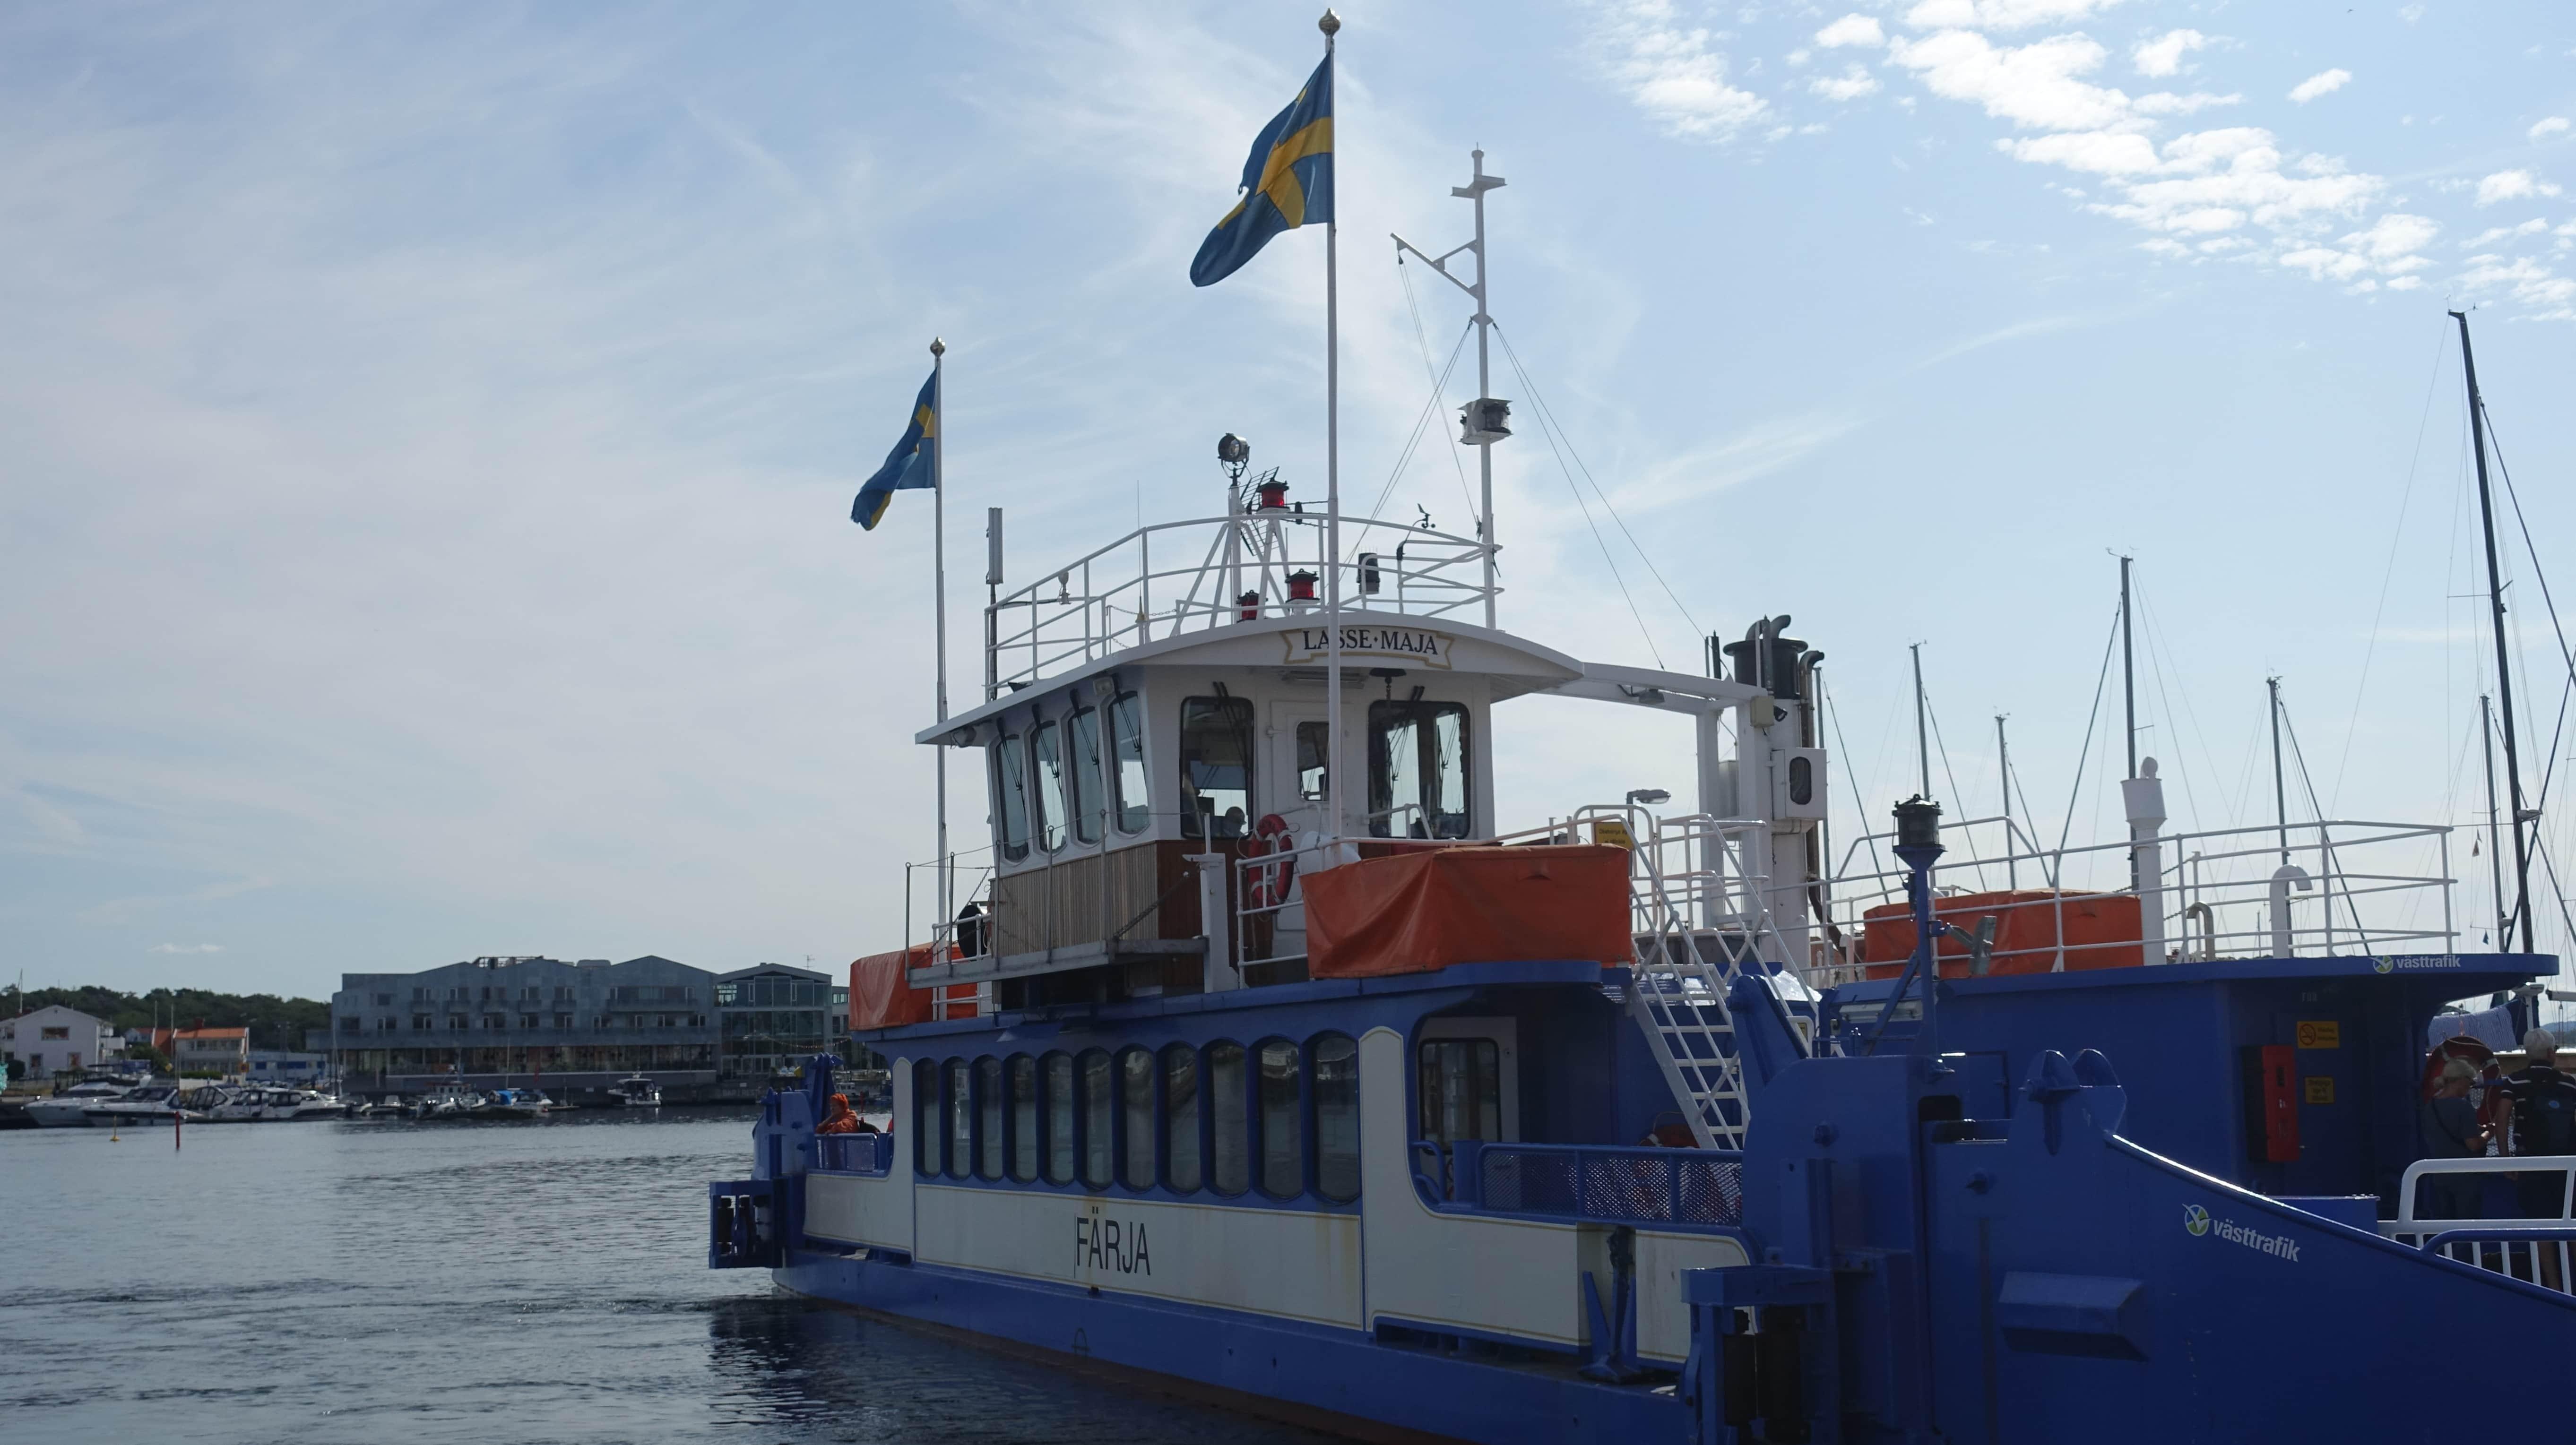 Die Überfahrt mit der Fähre von Koö nach Marstrand dauert nur 3 Minuten.